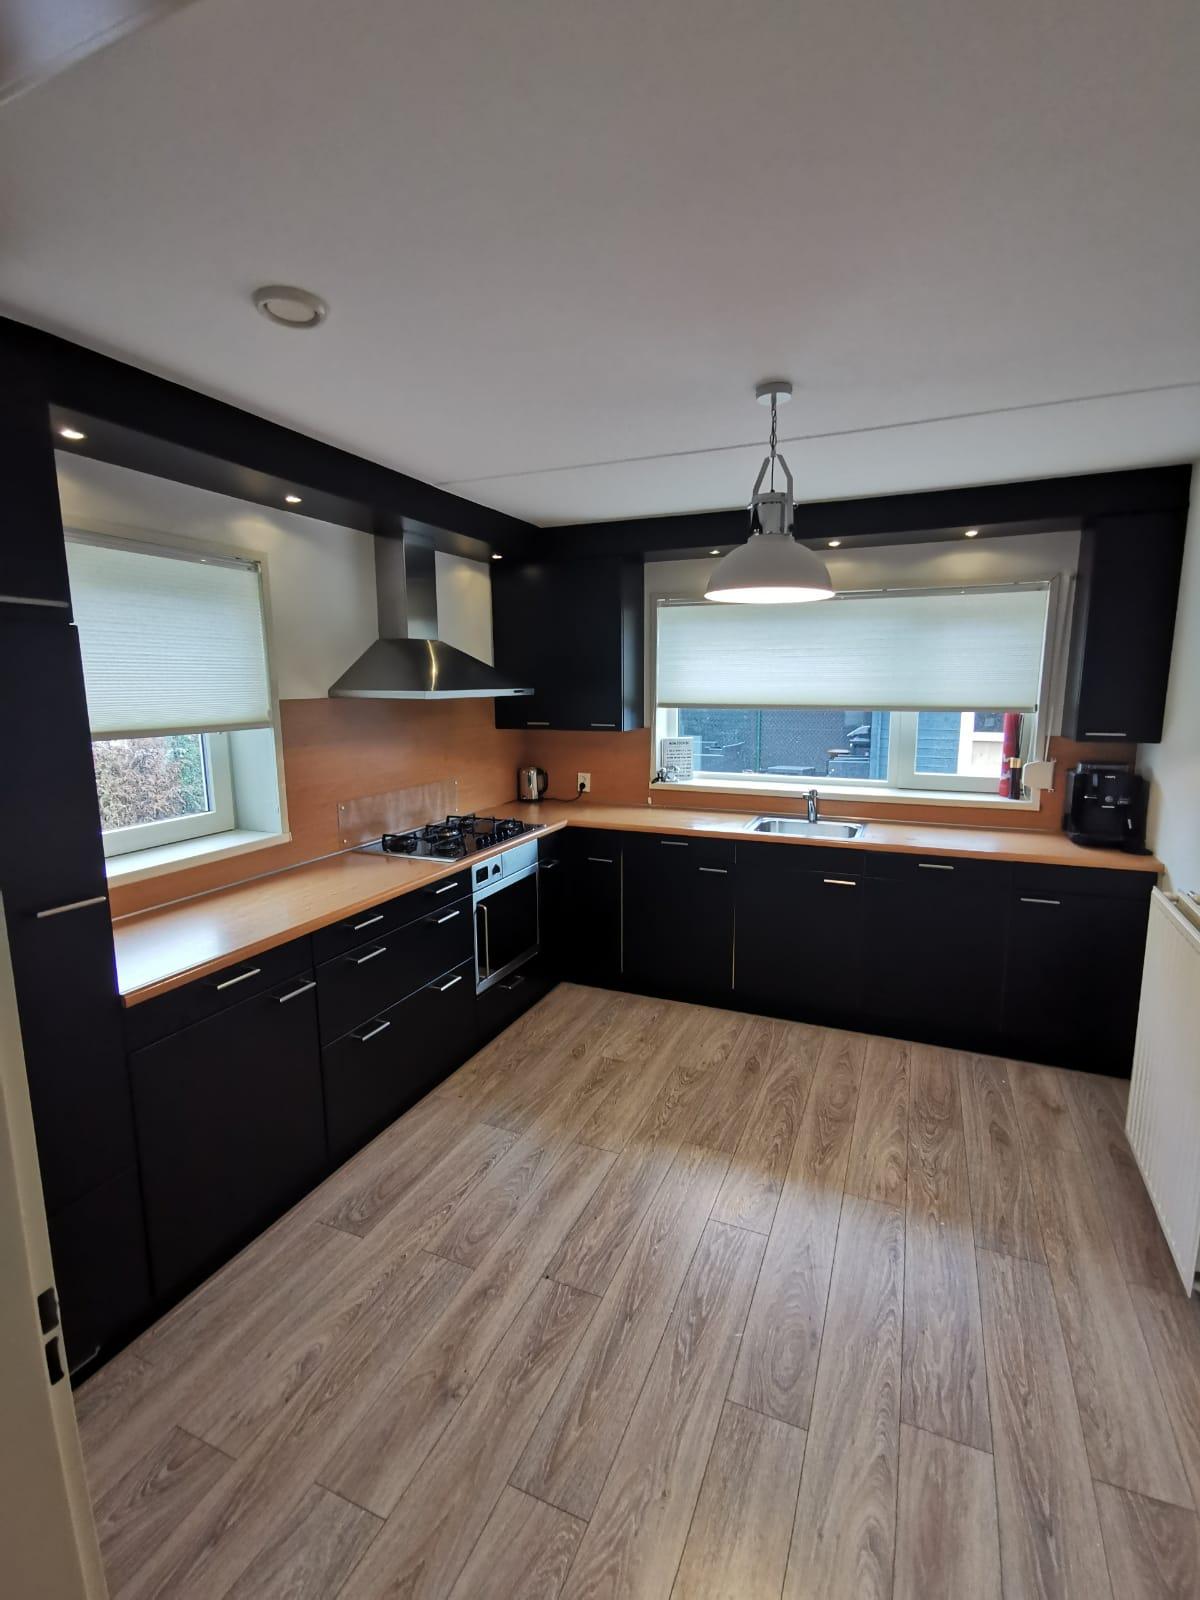 Keuken Wrappen Keuken Wrappen Vanaf 250 Bekijk Direct